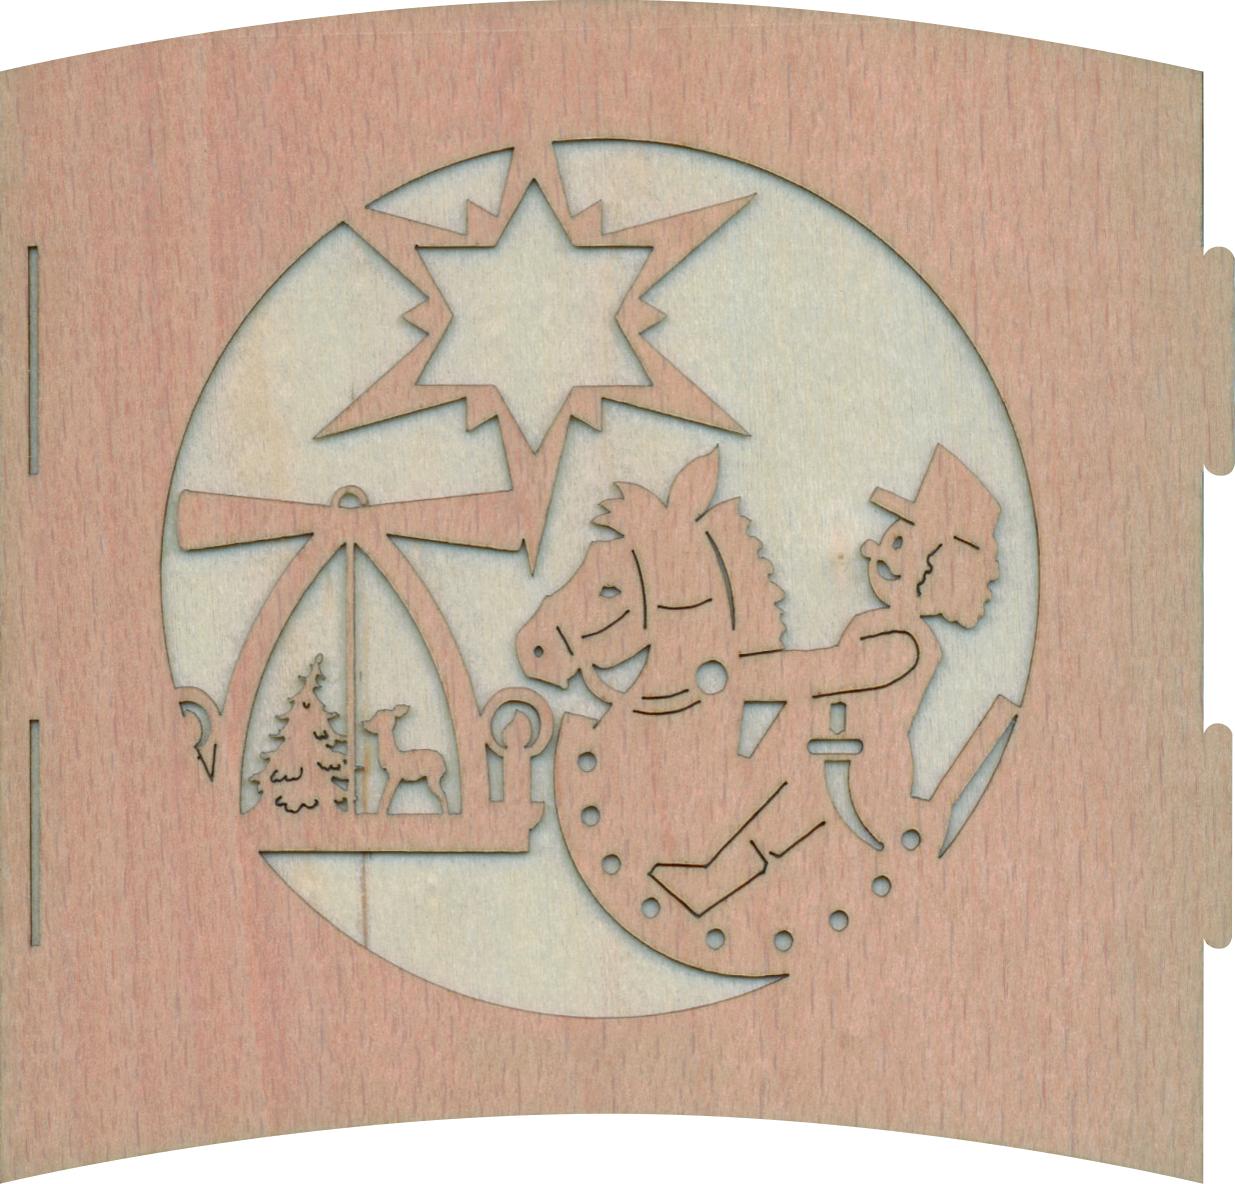 Drechslerei Kuhnert-Motivleuchte 3-seitig–Teelichhalter Sehenswürdigkeiten Holz-Erzgebirgische Holzkunst